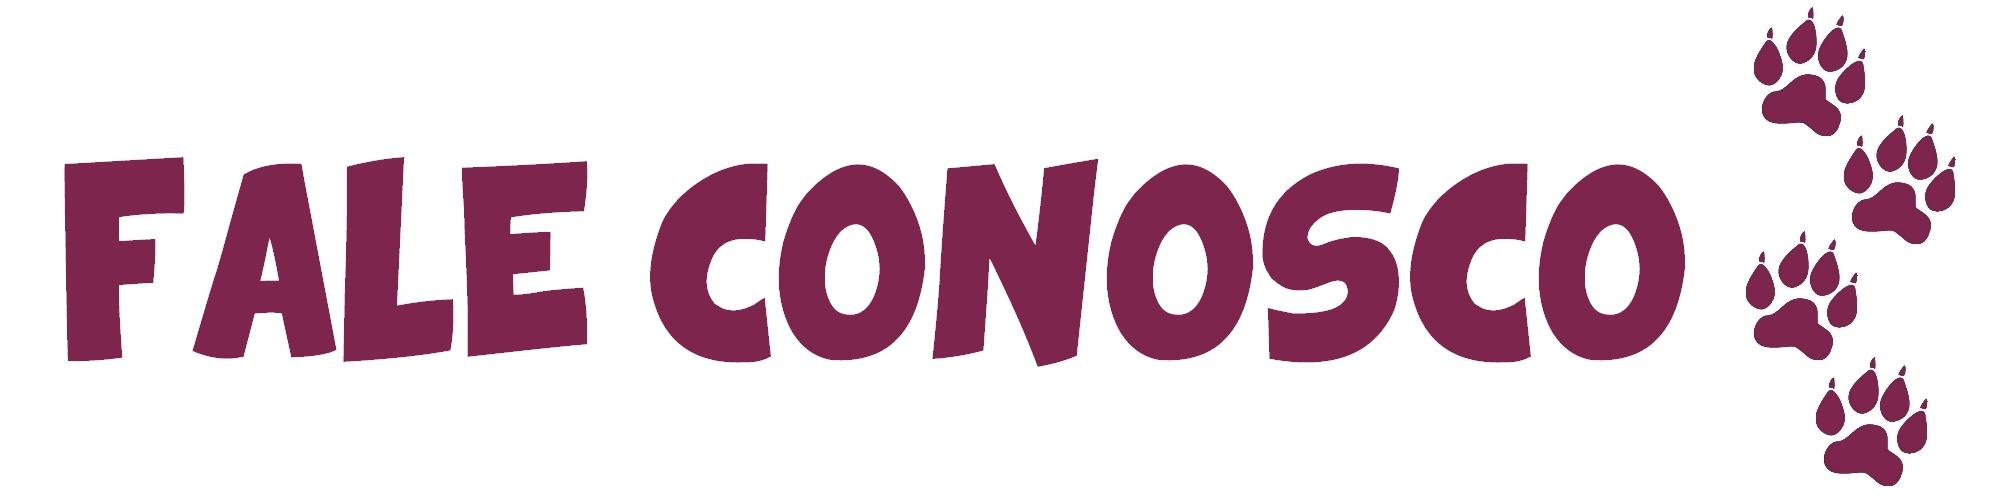 FaleConosco